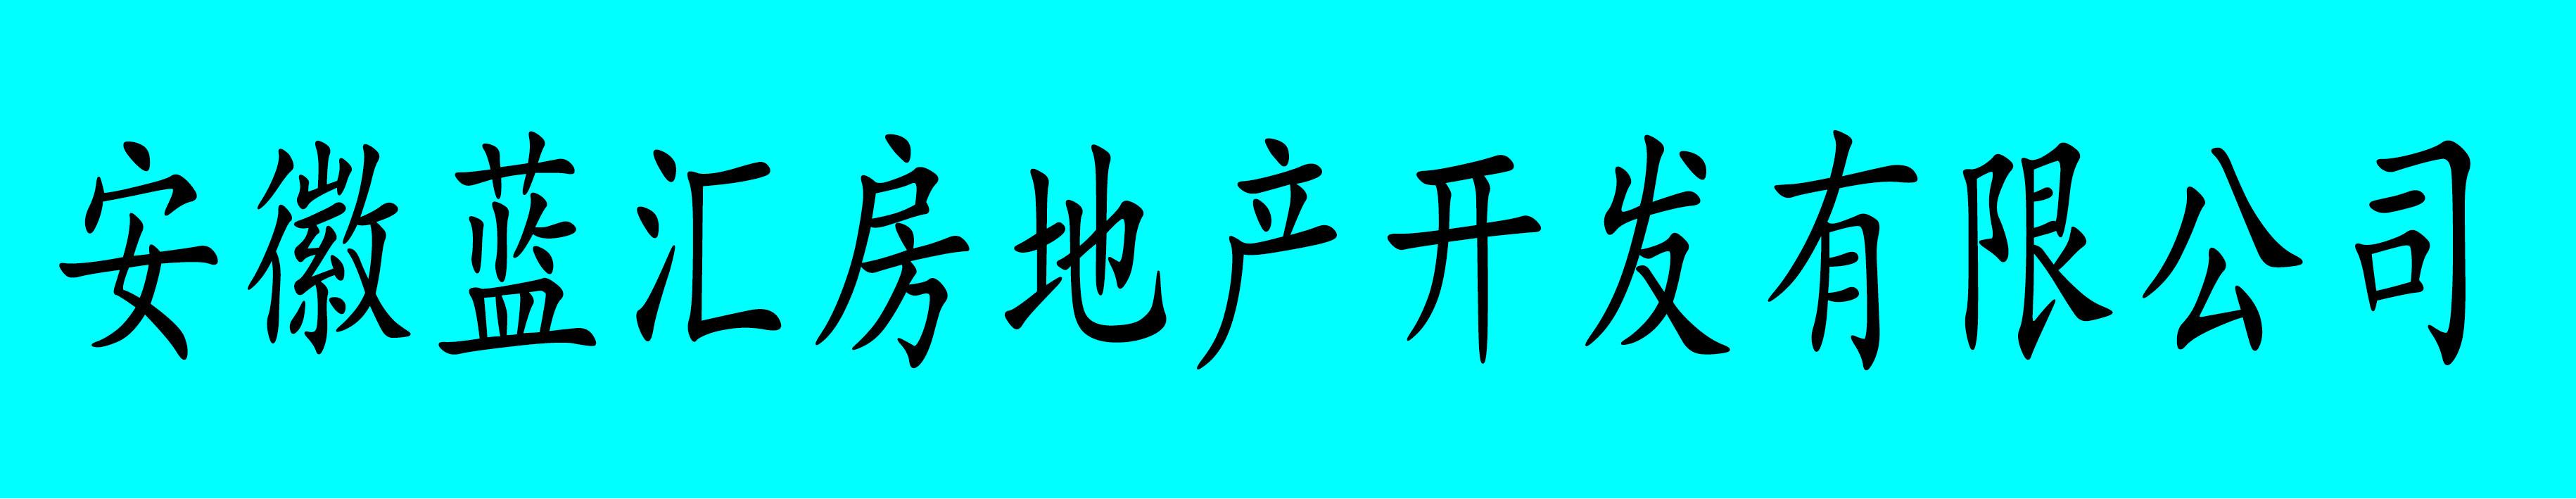 安徽省蓝汇房地产开发有限公司